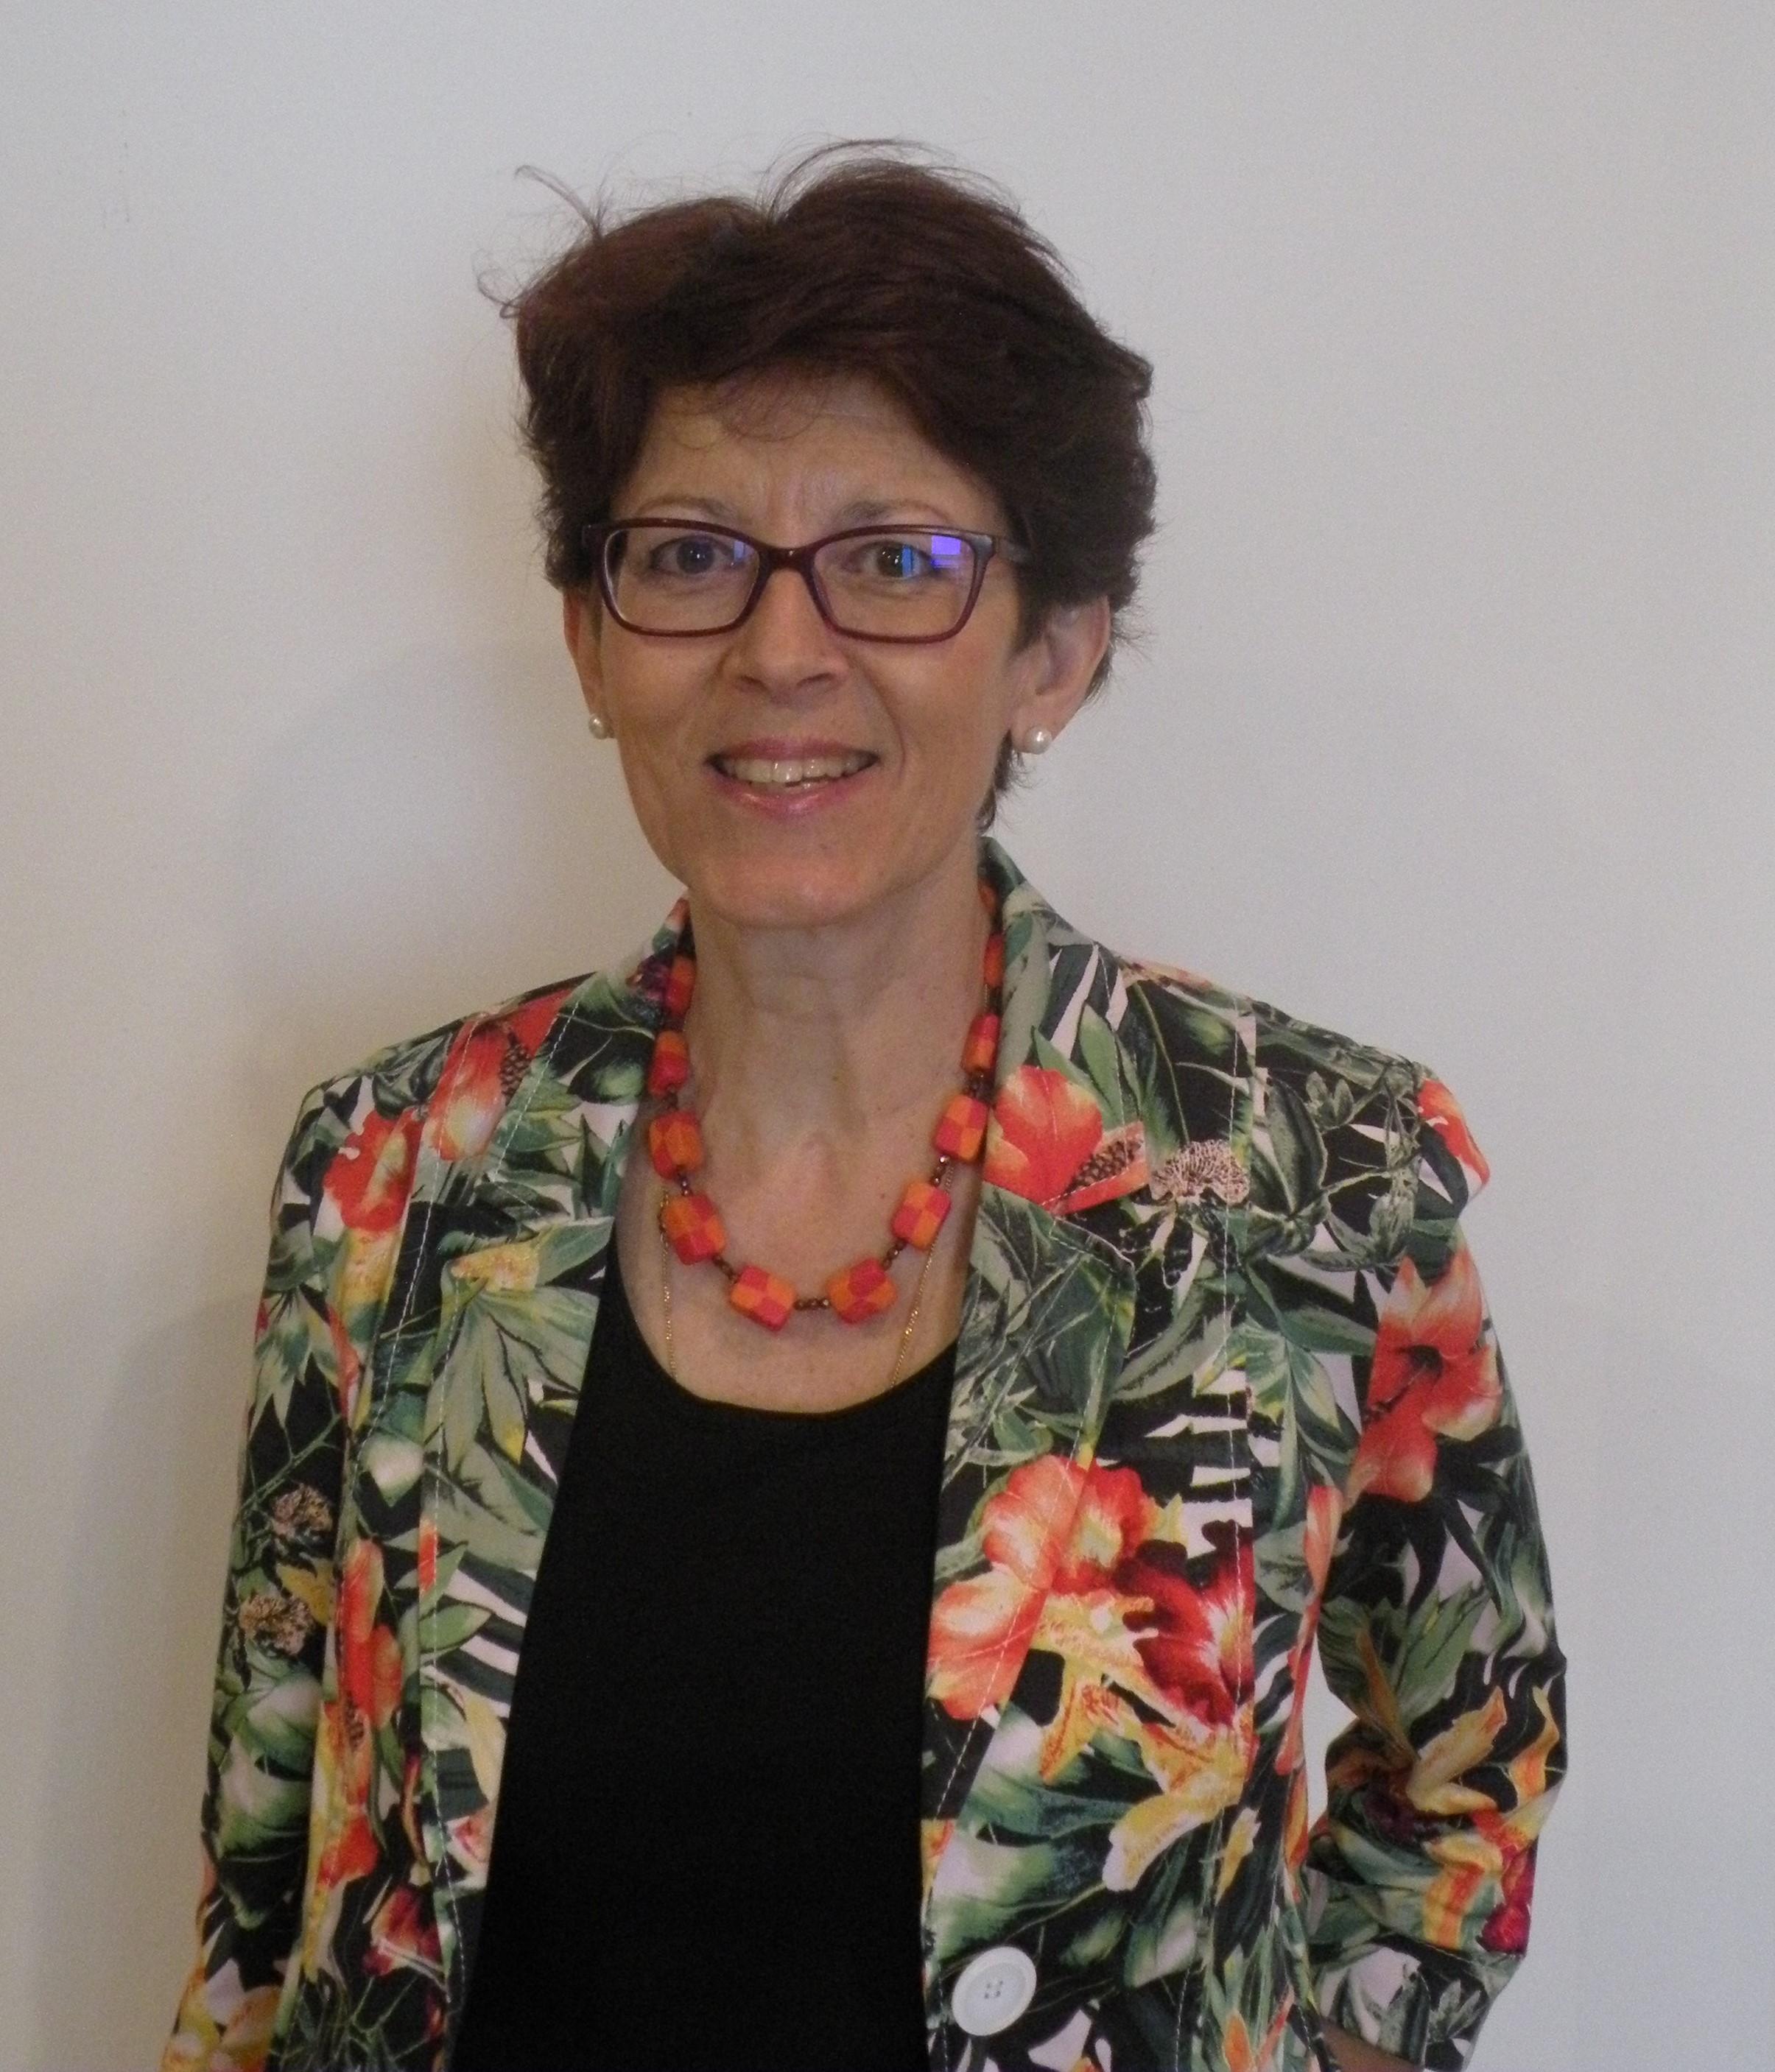 Núria Neddermann